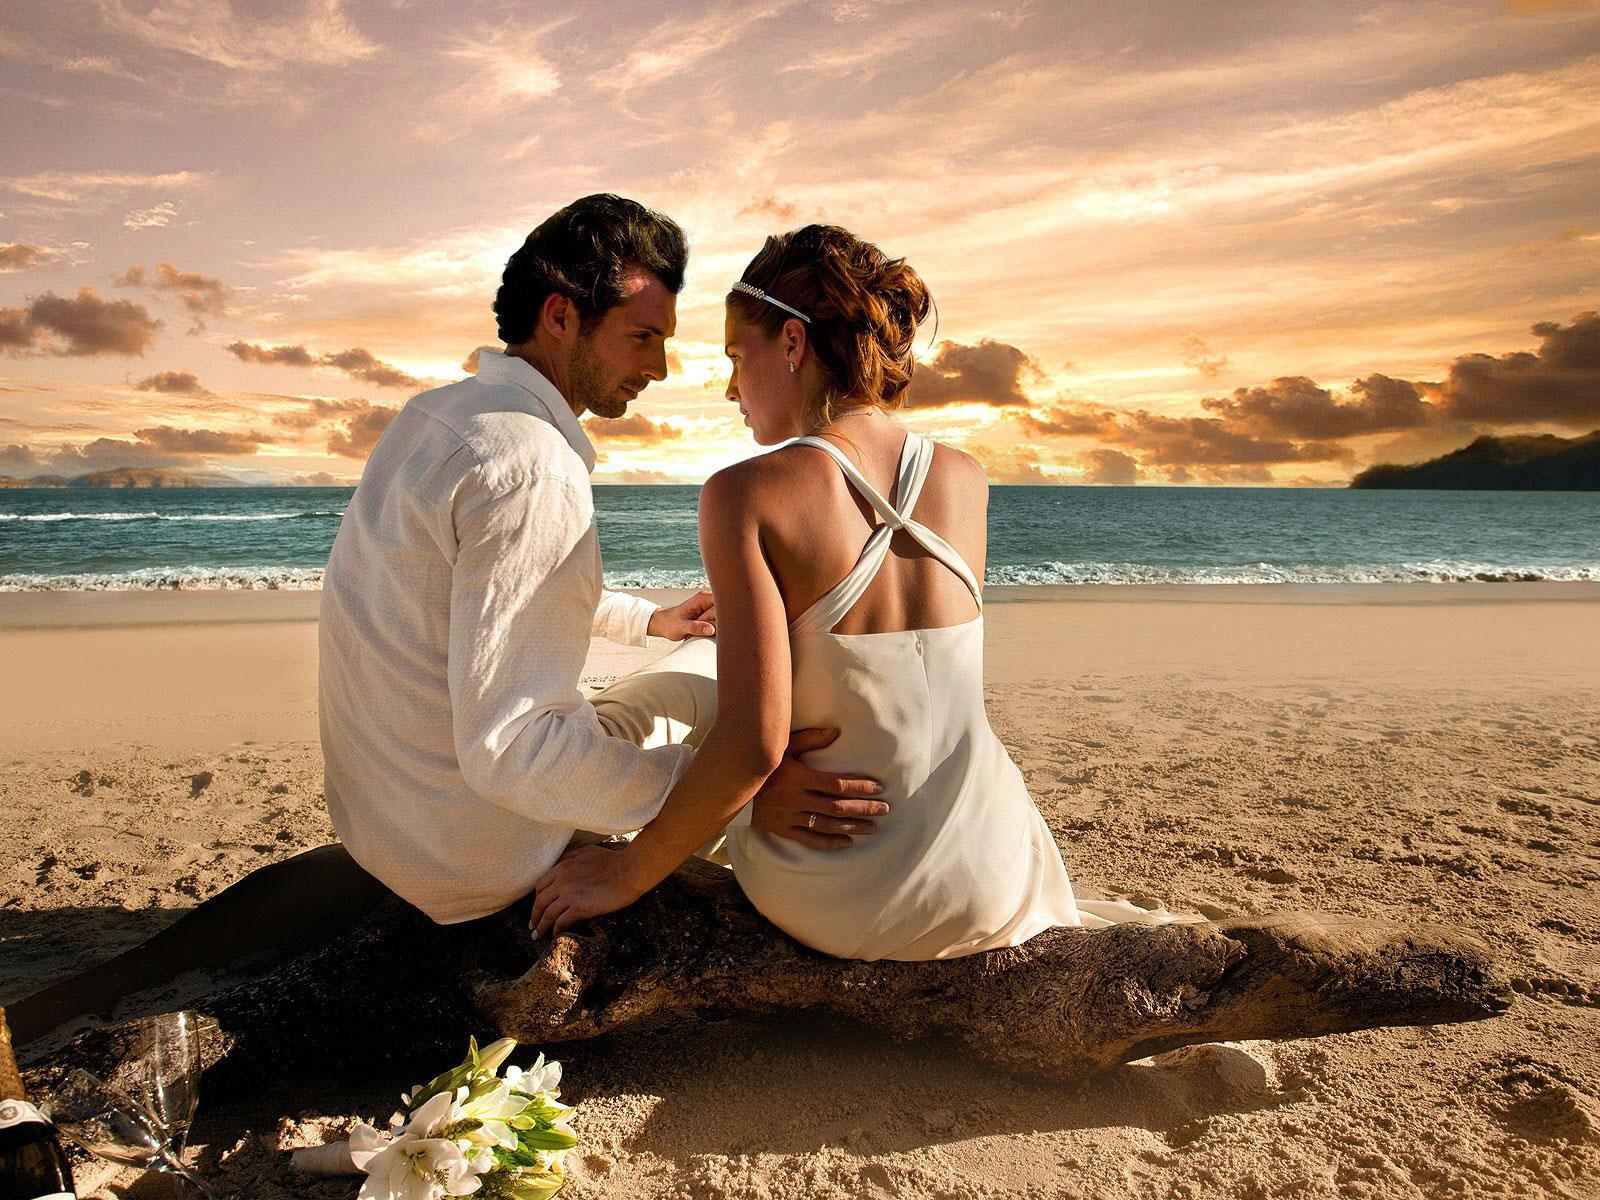 بالصور صور عشاق , صور حب صور رومانسية 4060 8